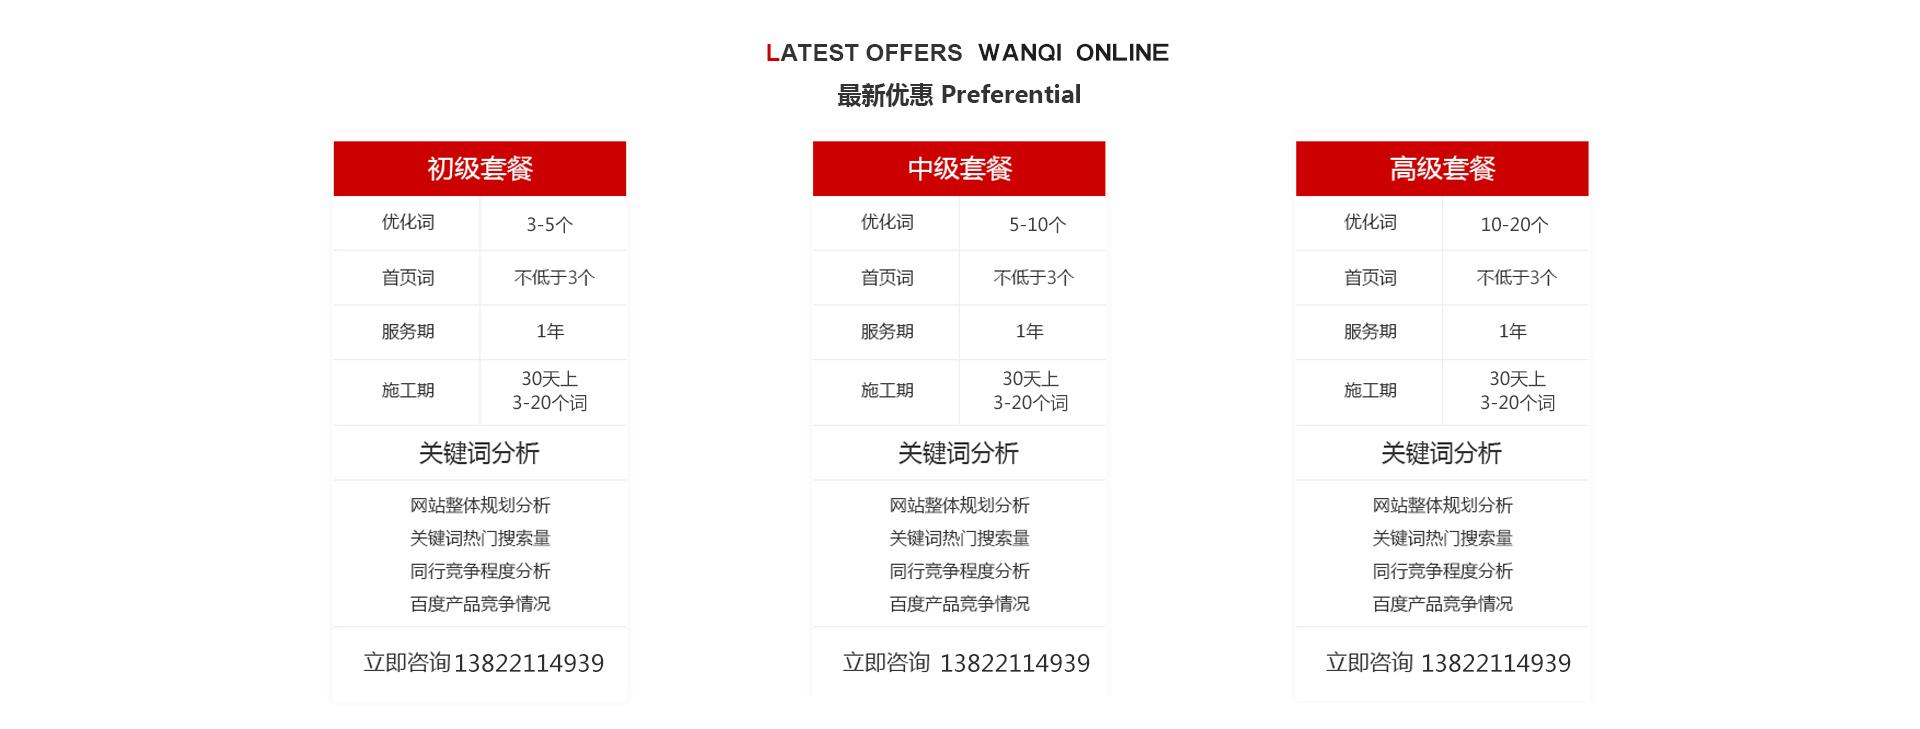 关于网络推广万企在线提供最新服务套餐,保障指定优化关键词能上首页